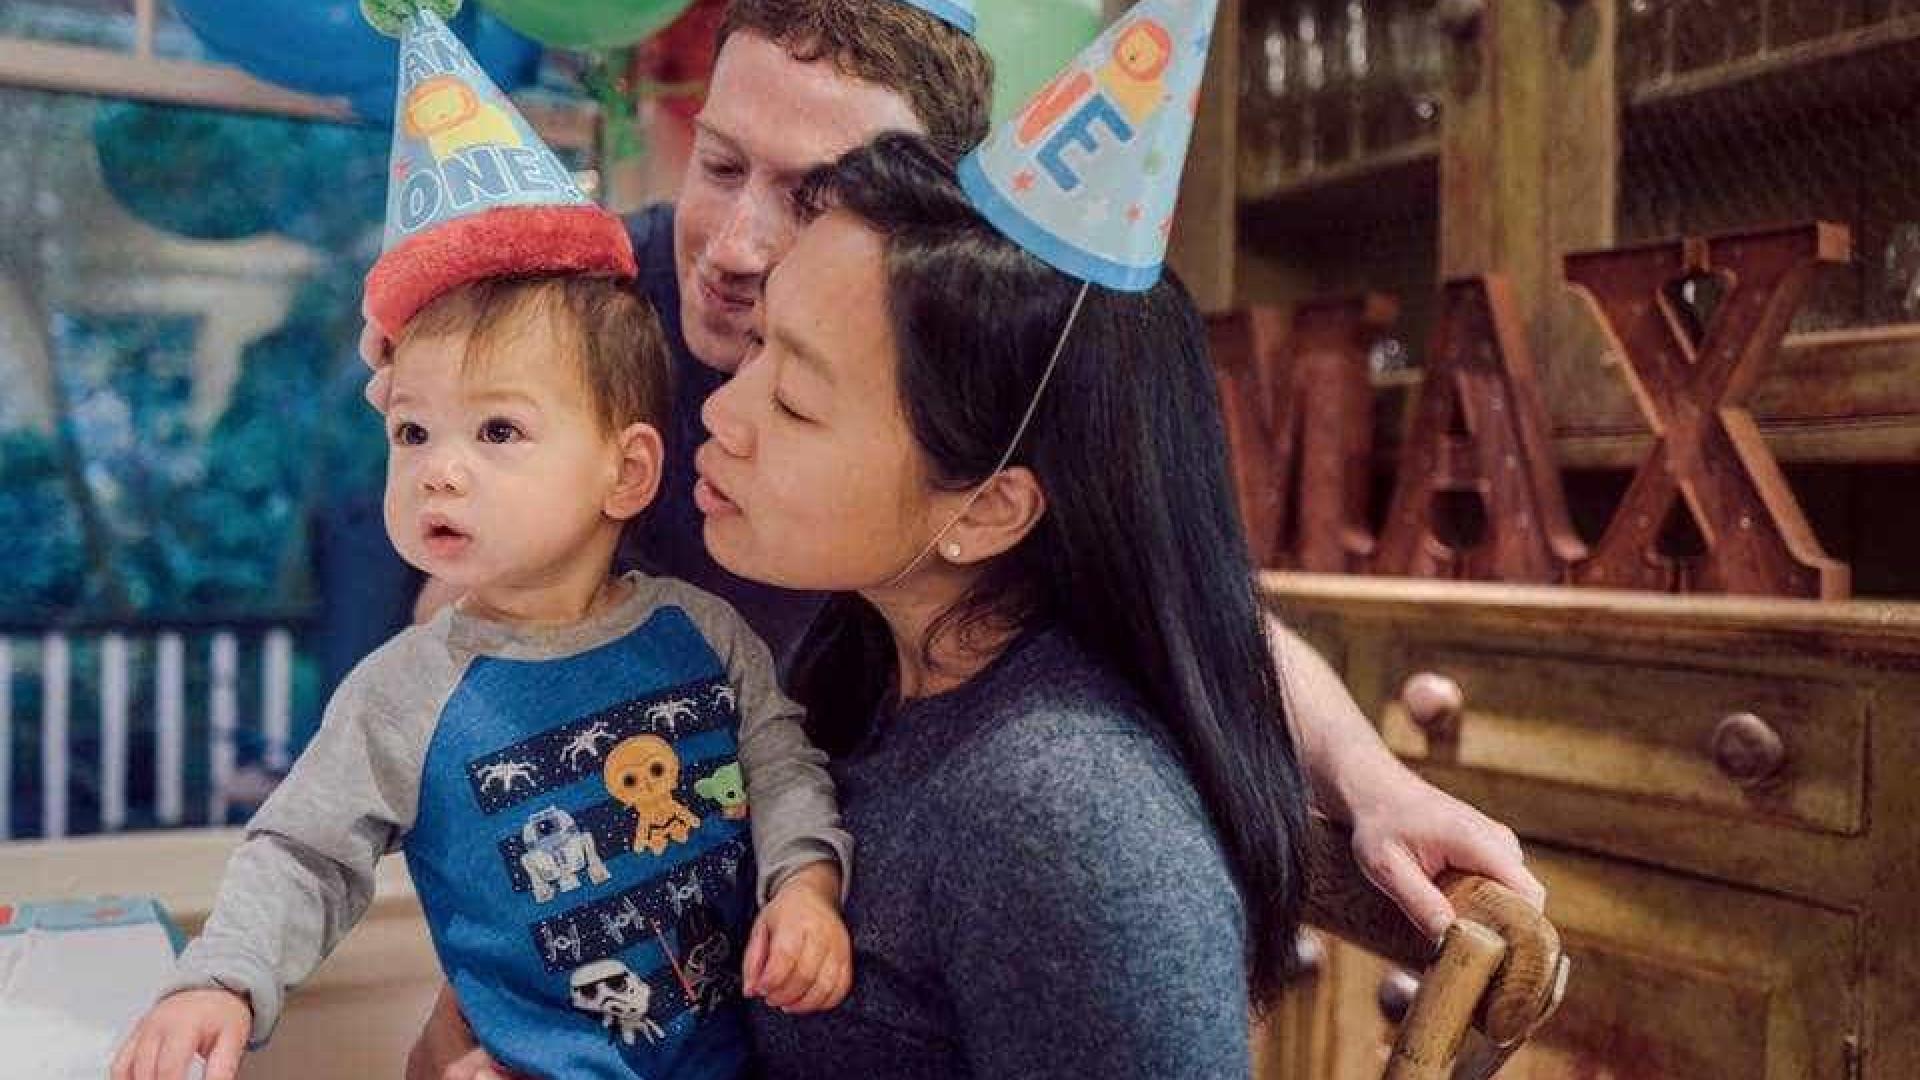 Mark Zuckerberg assinala o primeiro aniversário da filha